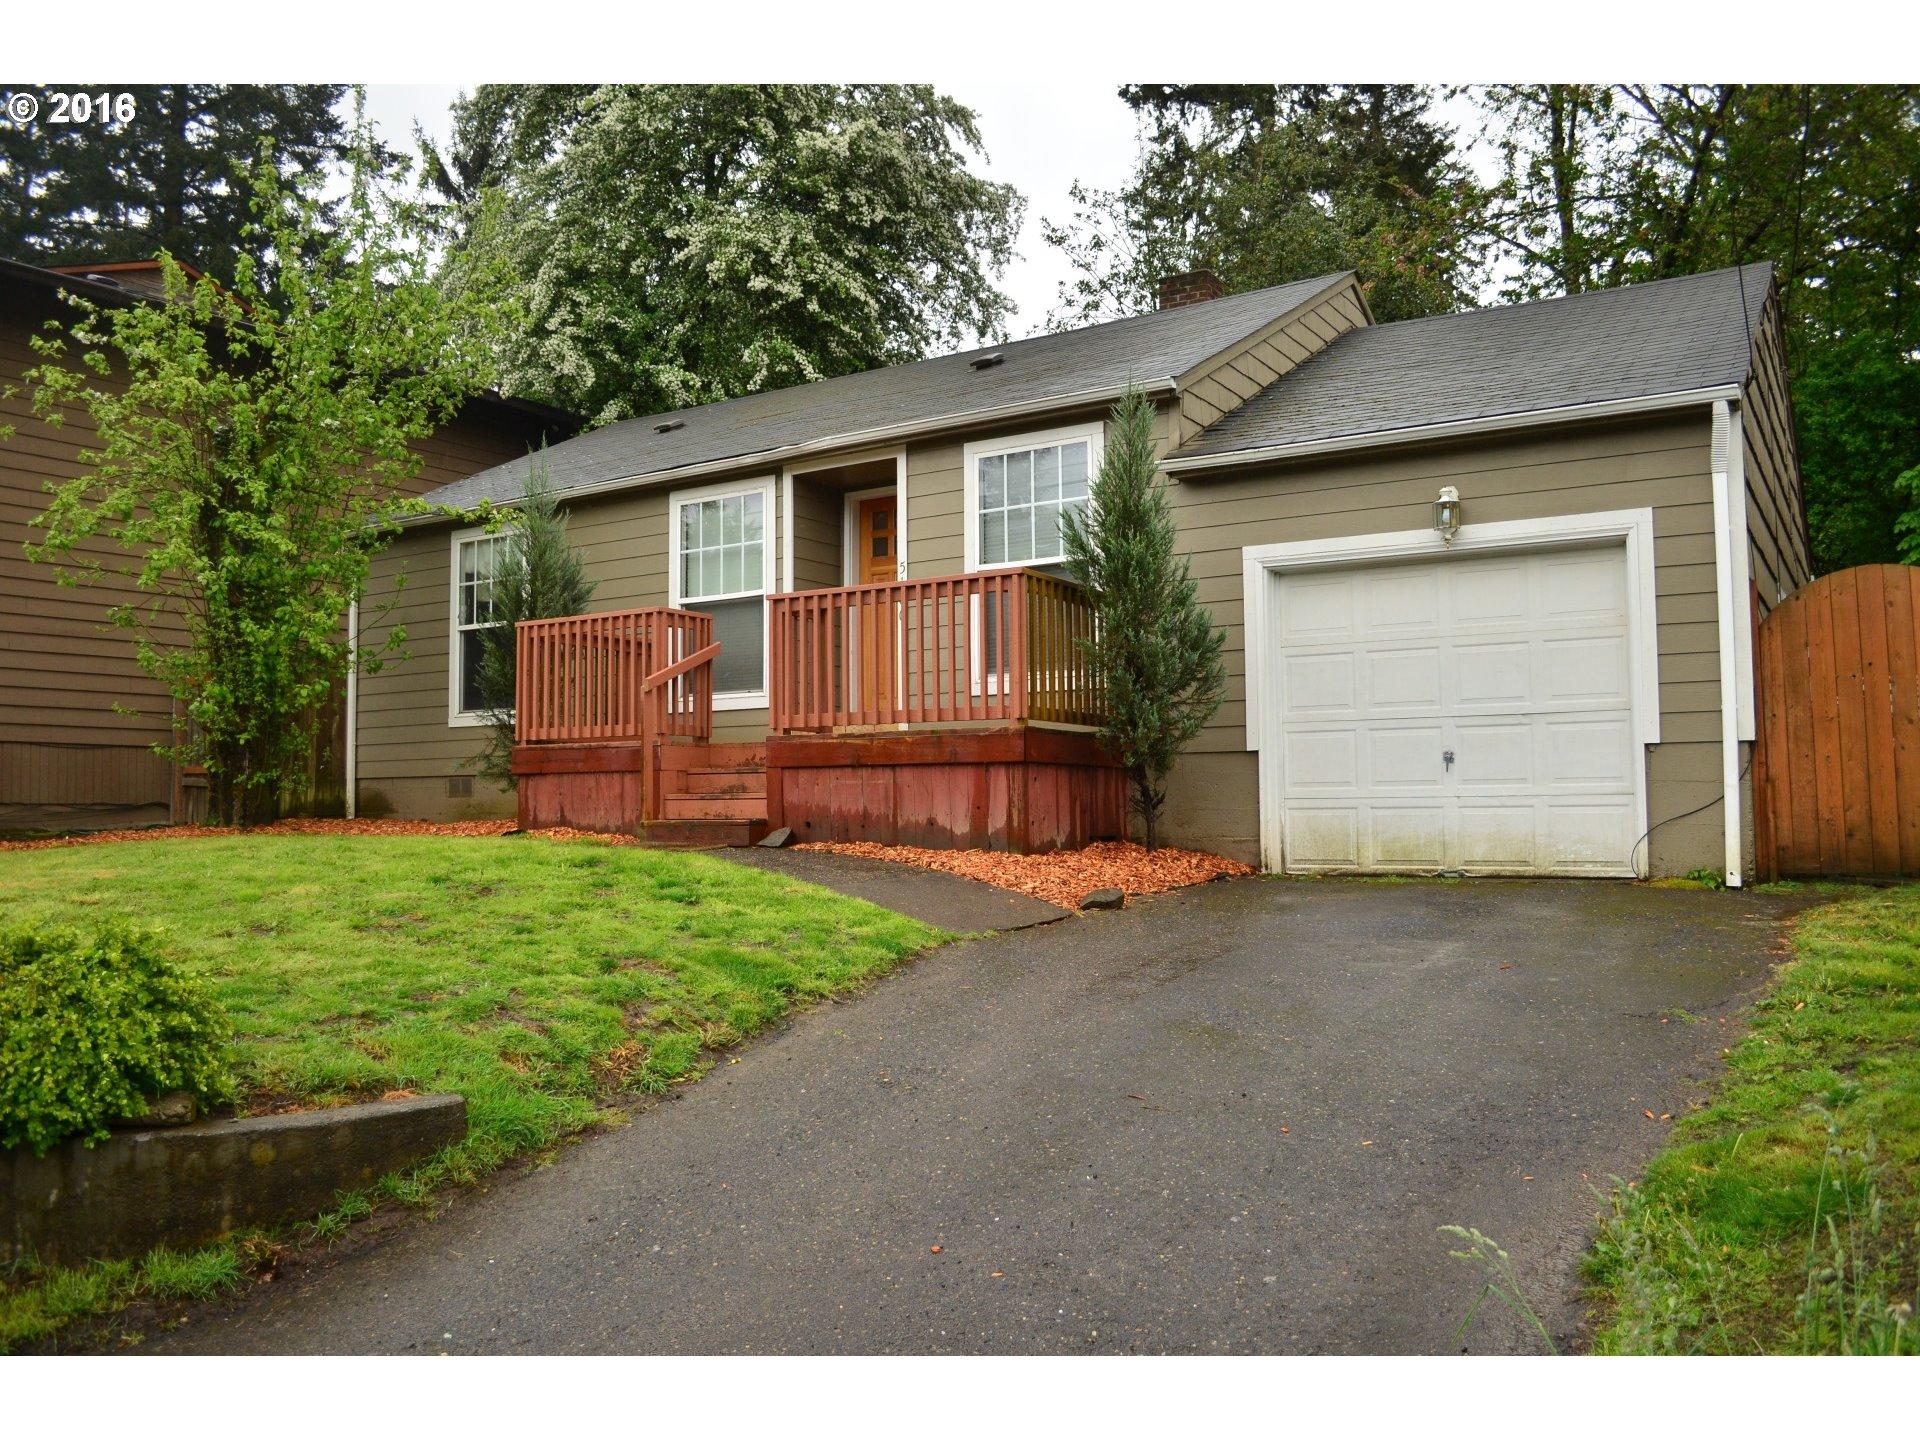 5100 SW Beaverton Hillsdale Hwy, Portland, OR